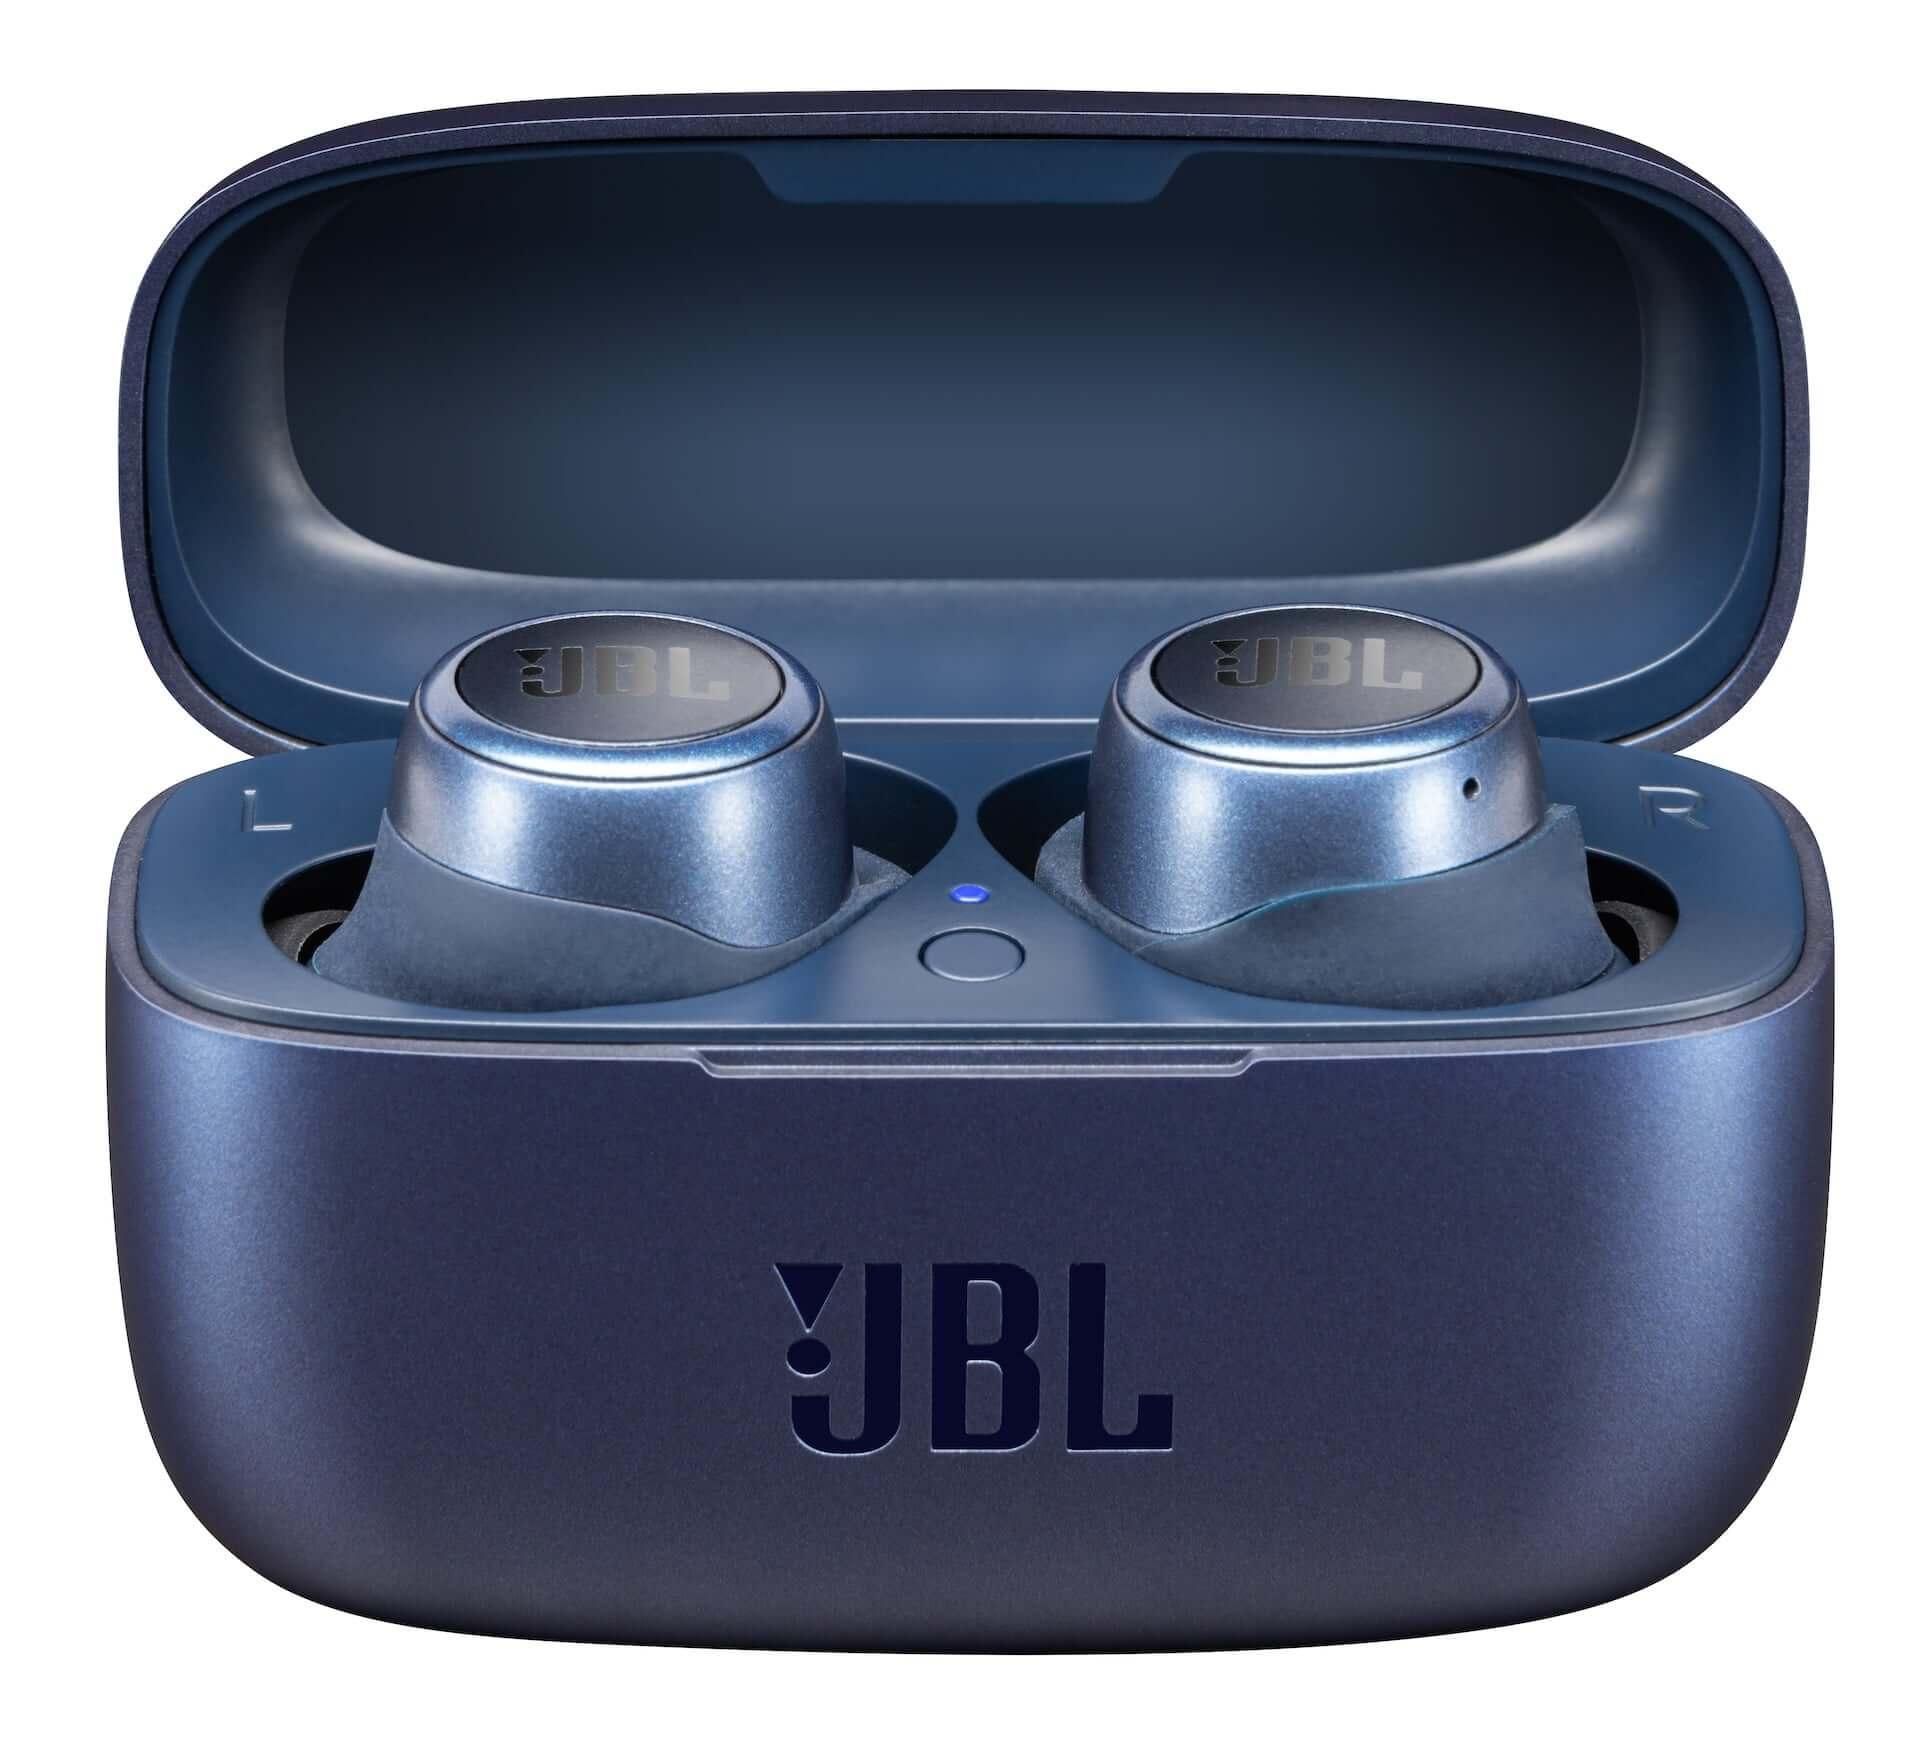 JBLからサウンドカスタマイズ可能な完全ワイヤレスイヤホン『JBL LIVE300TWS』が登場!テレワークにもおすすめ tech200521_jbl_live300tws_6-1920x1743